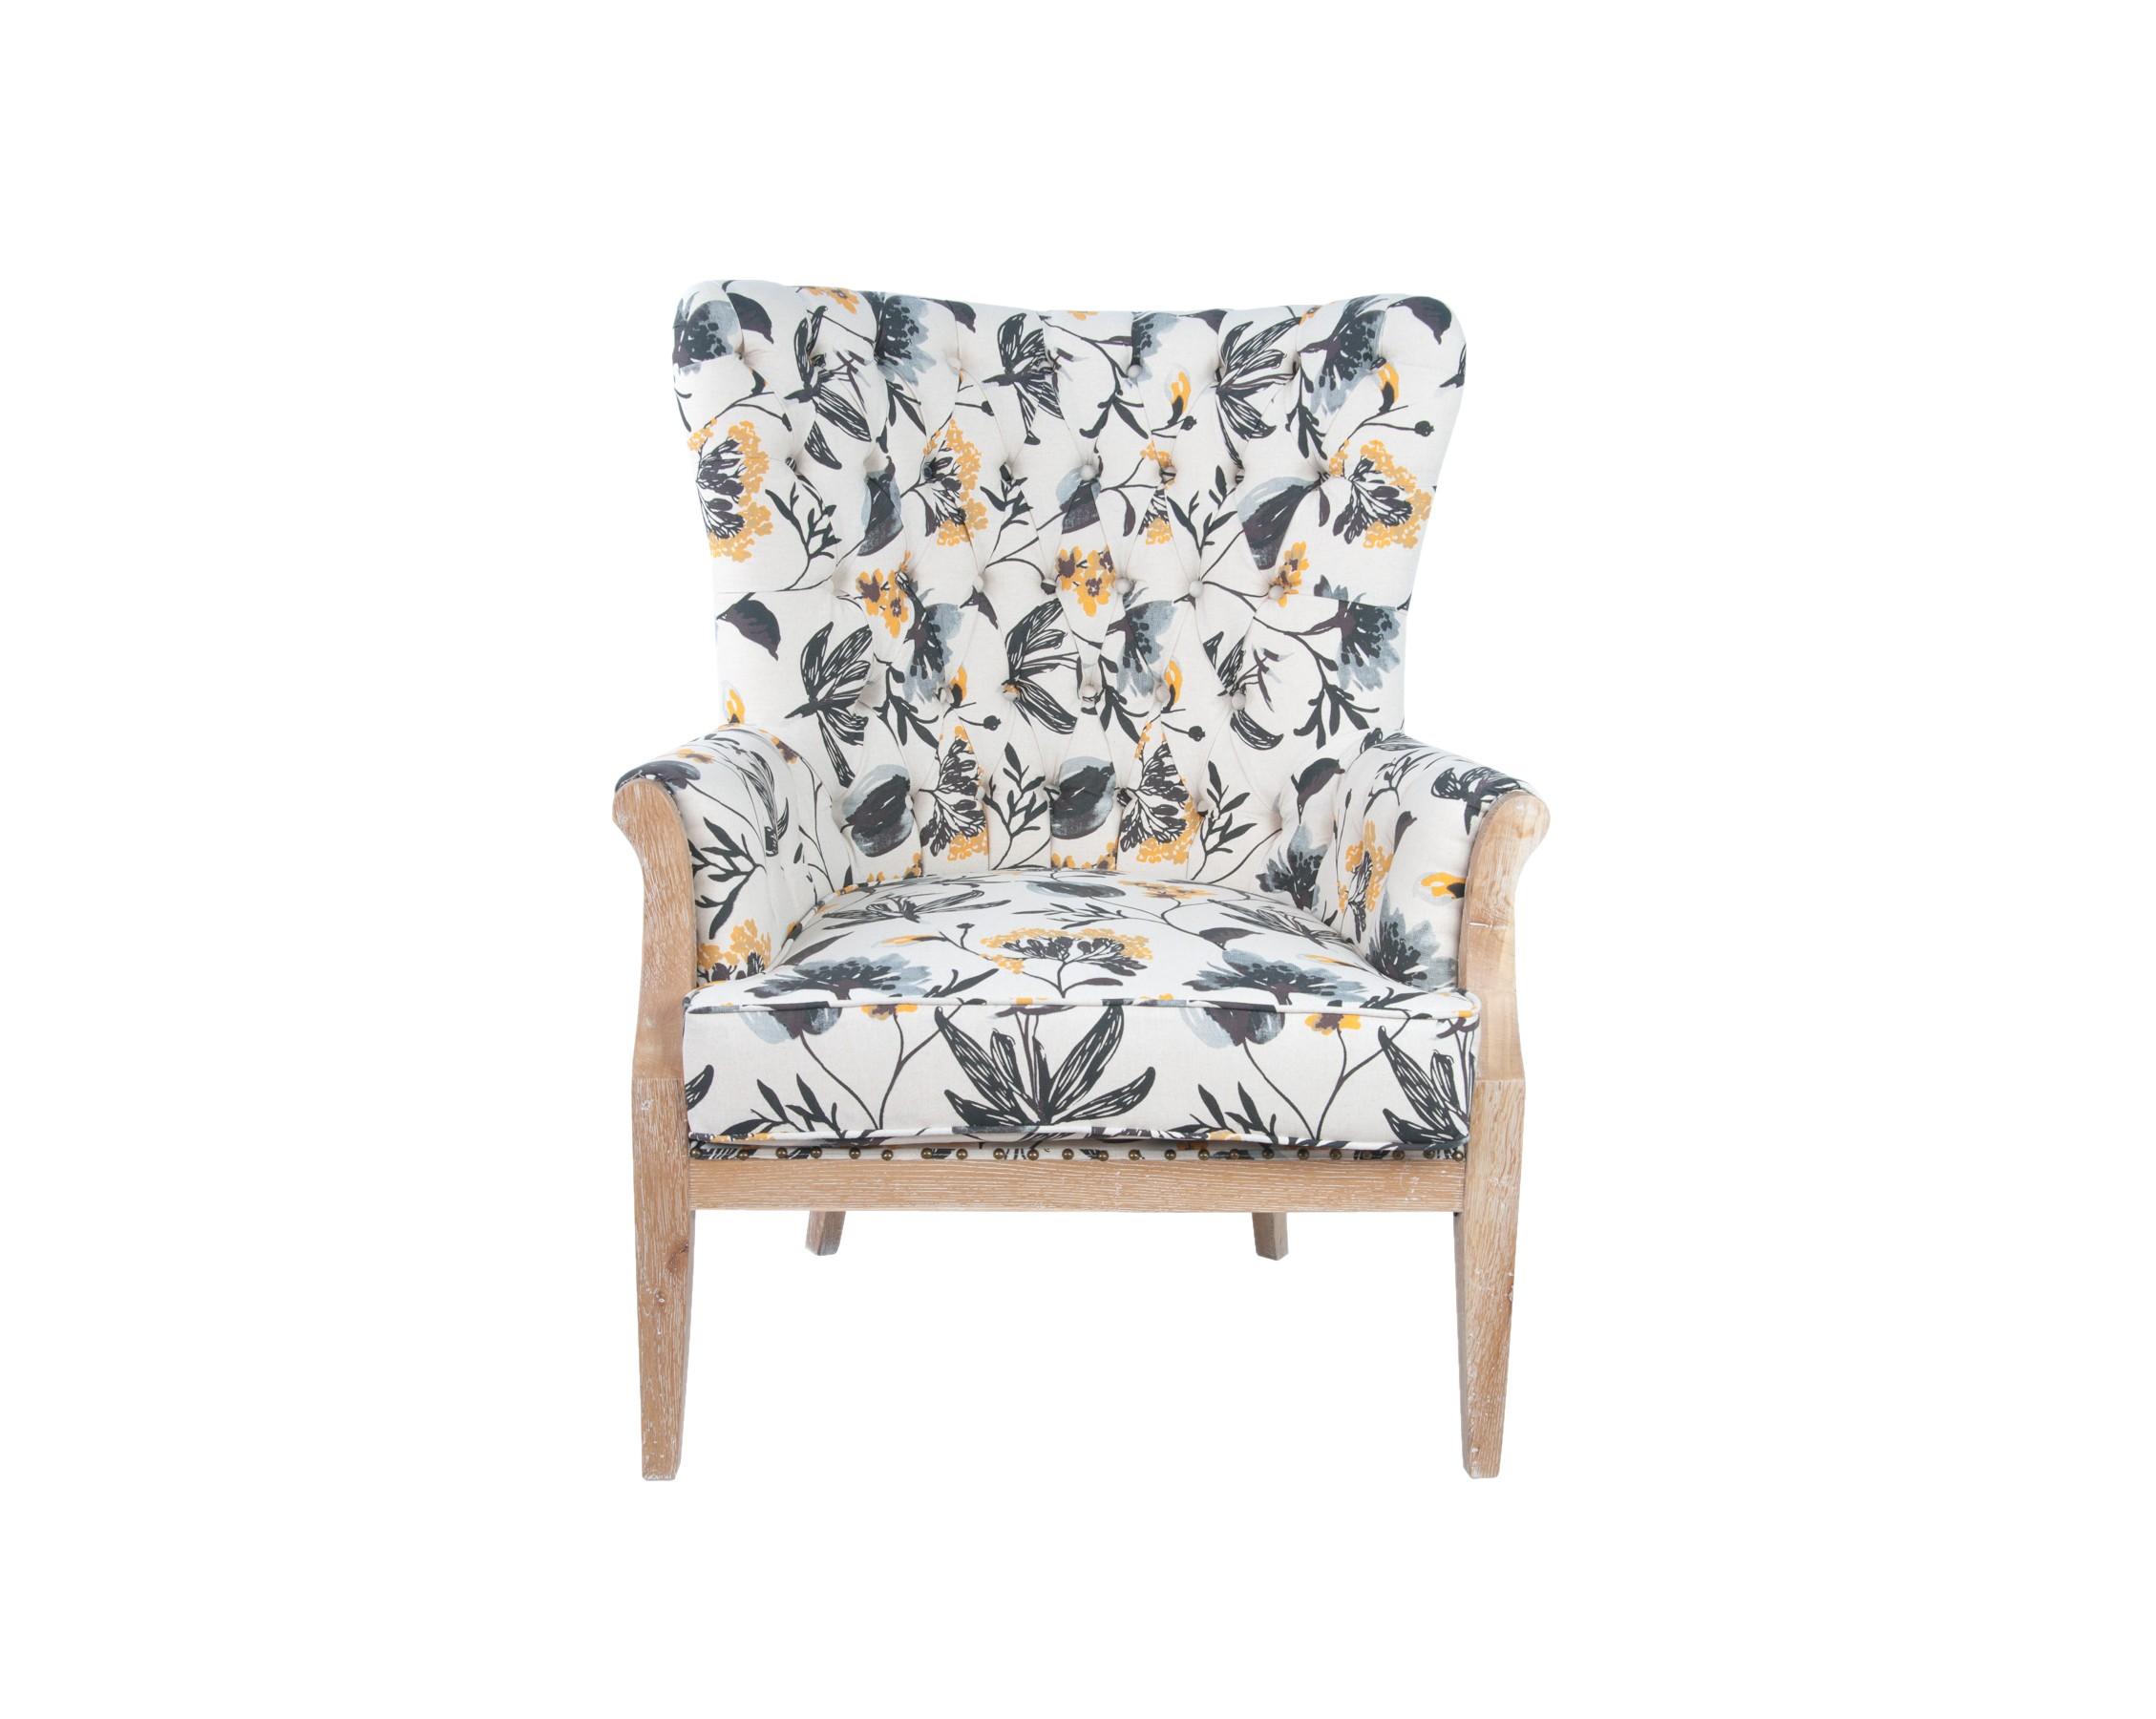 Кресло DelaineКресла с высокой спинкой<br>Каркас кресла Delaine выполнен из масива дуба. Кресло выглядит утонченно и изысканно. В отделке использованы каретная стяжка, пуговицы. Это поистине уютное кресло займет достойное место в Вашей повседневной жизни.&amp;amp;nbsp;<br><br>Material: Лен<br>Width см: 89<br>Depth см: 79<br>Height см: 112